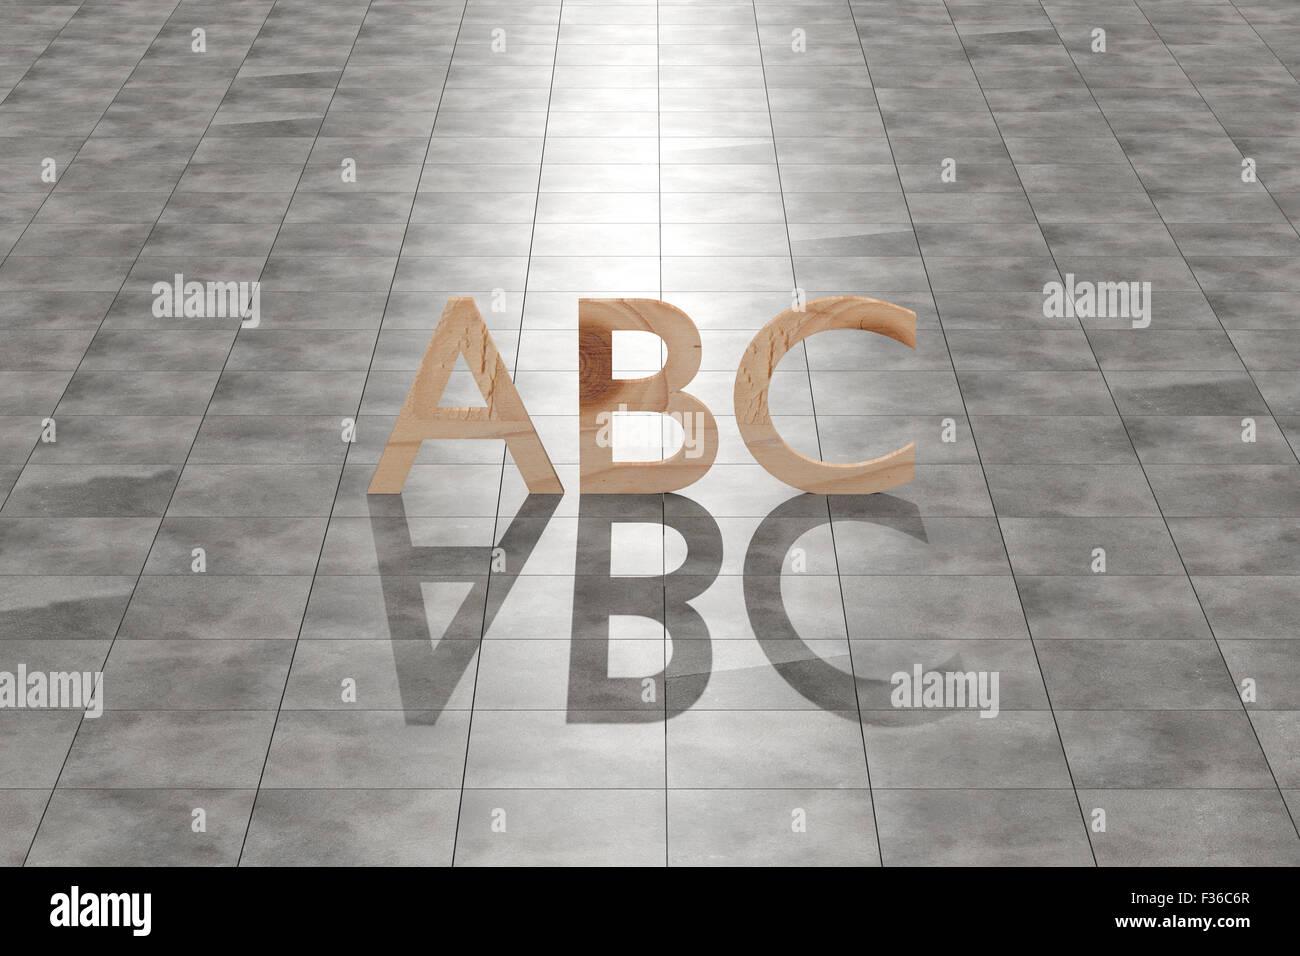 3D-Rendering eine Abc Holzbuchstaben auf Fliesen Boden Stockbild